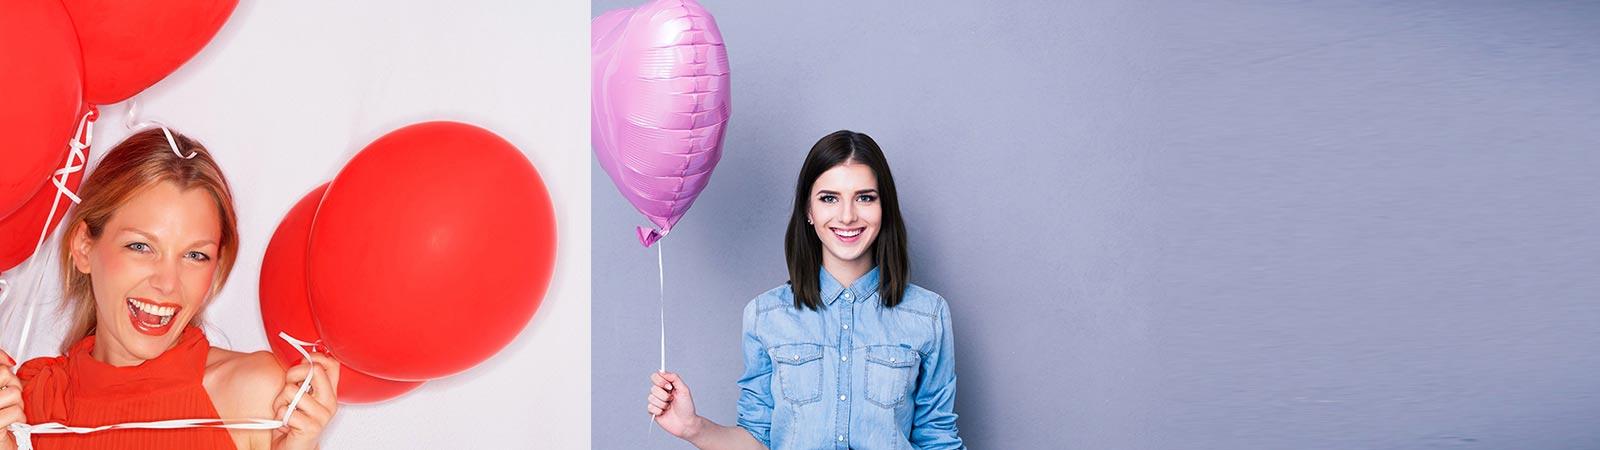 Mutluluktan Uçan Balonlar